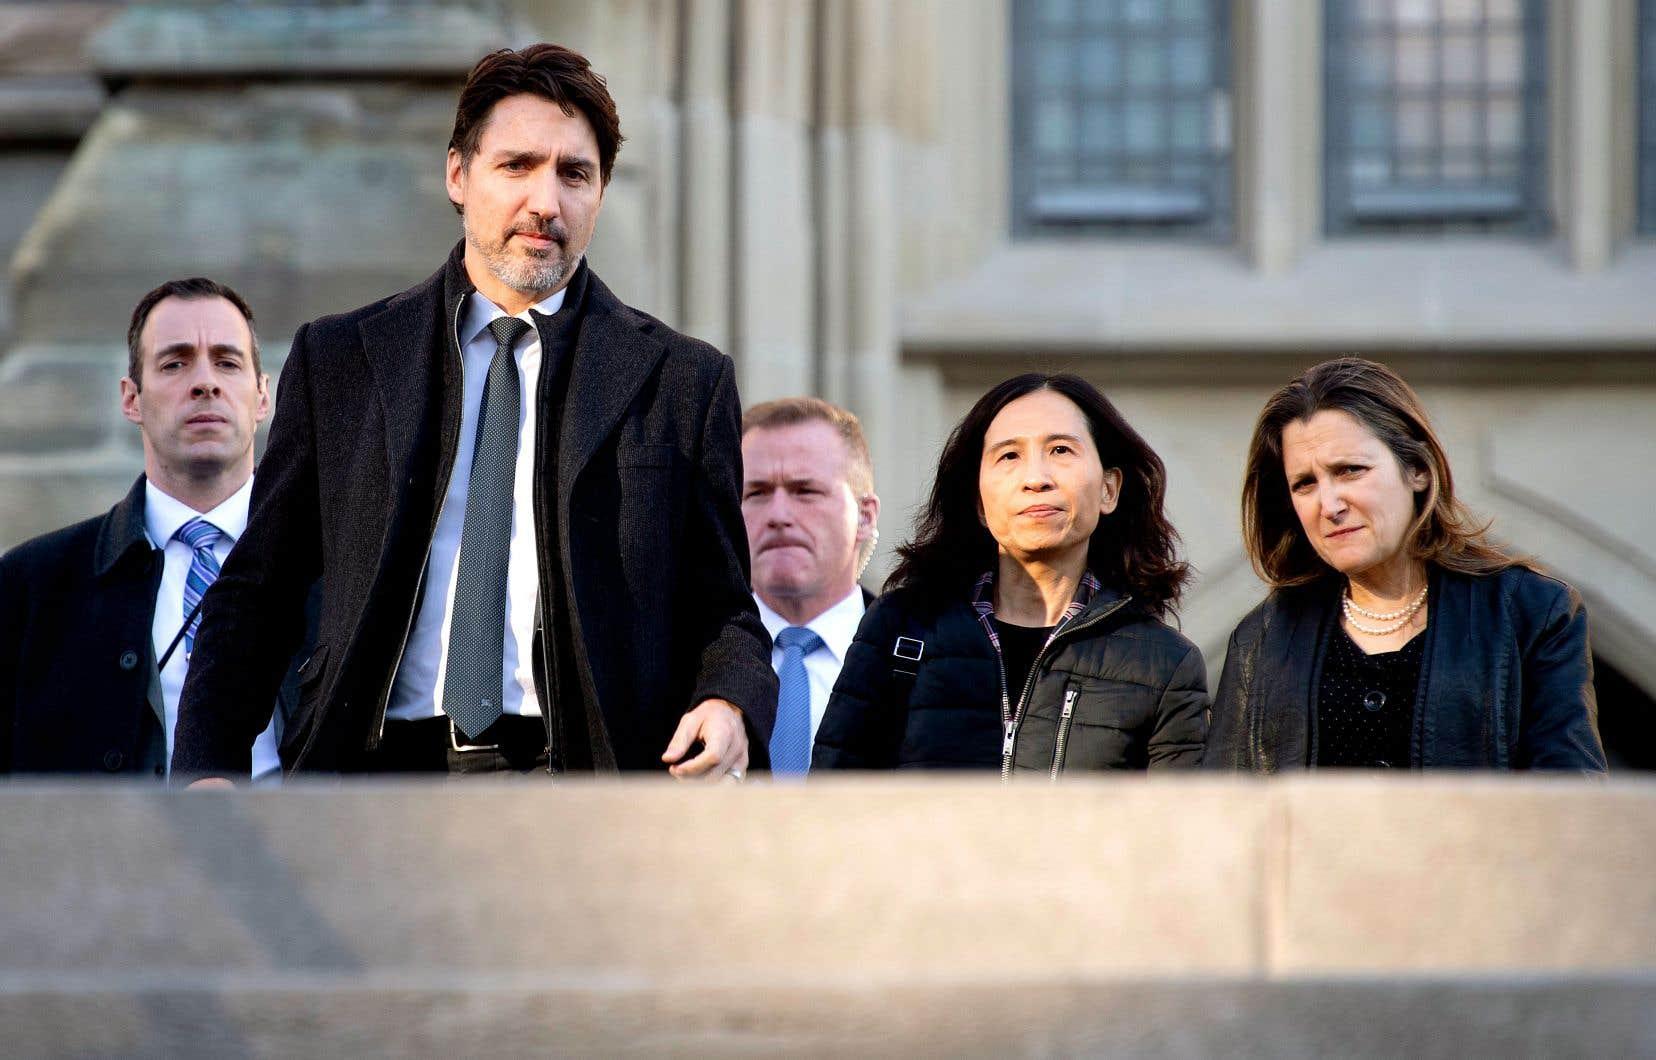 Le premier ministre Justin Trudeau s'est lui-même retrouvé dans une conférence la semaine dernière où l'un des participants s'est avéré infecté par le coronavirus.